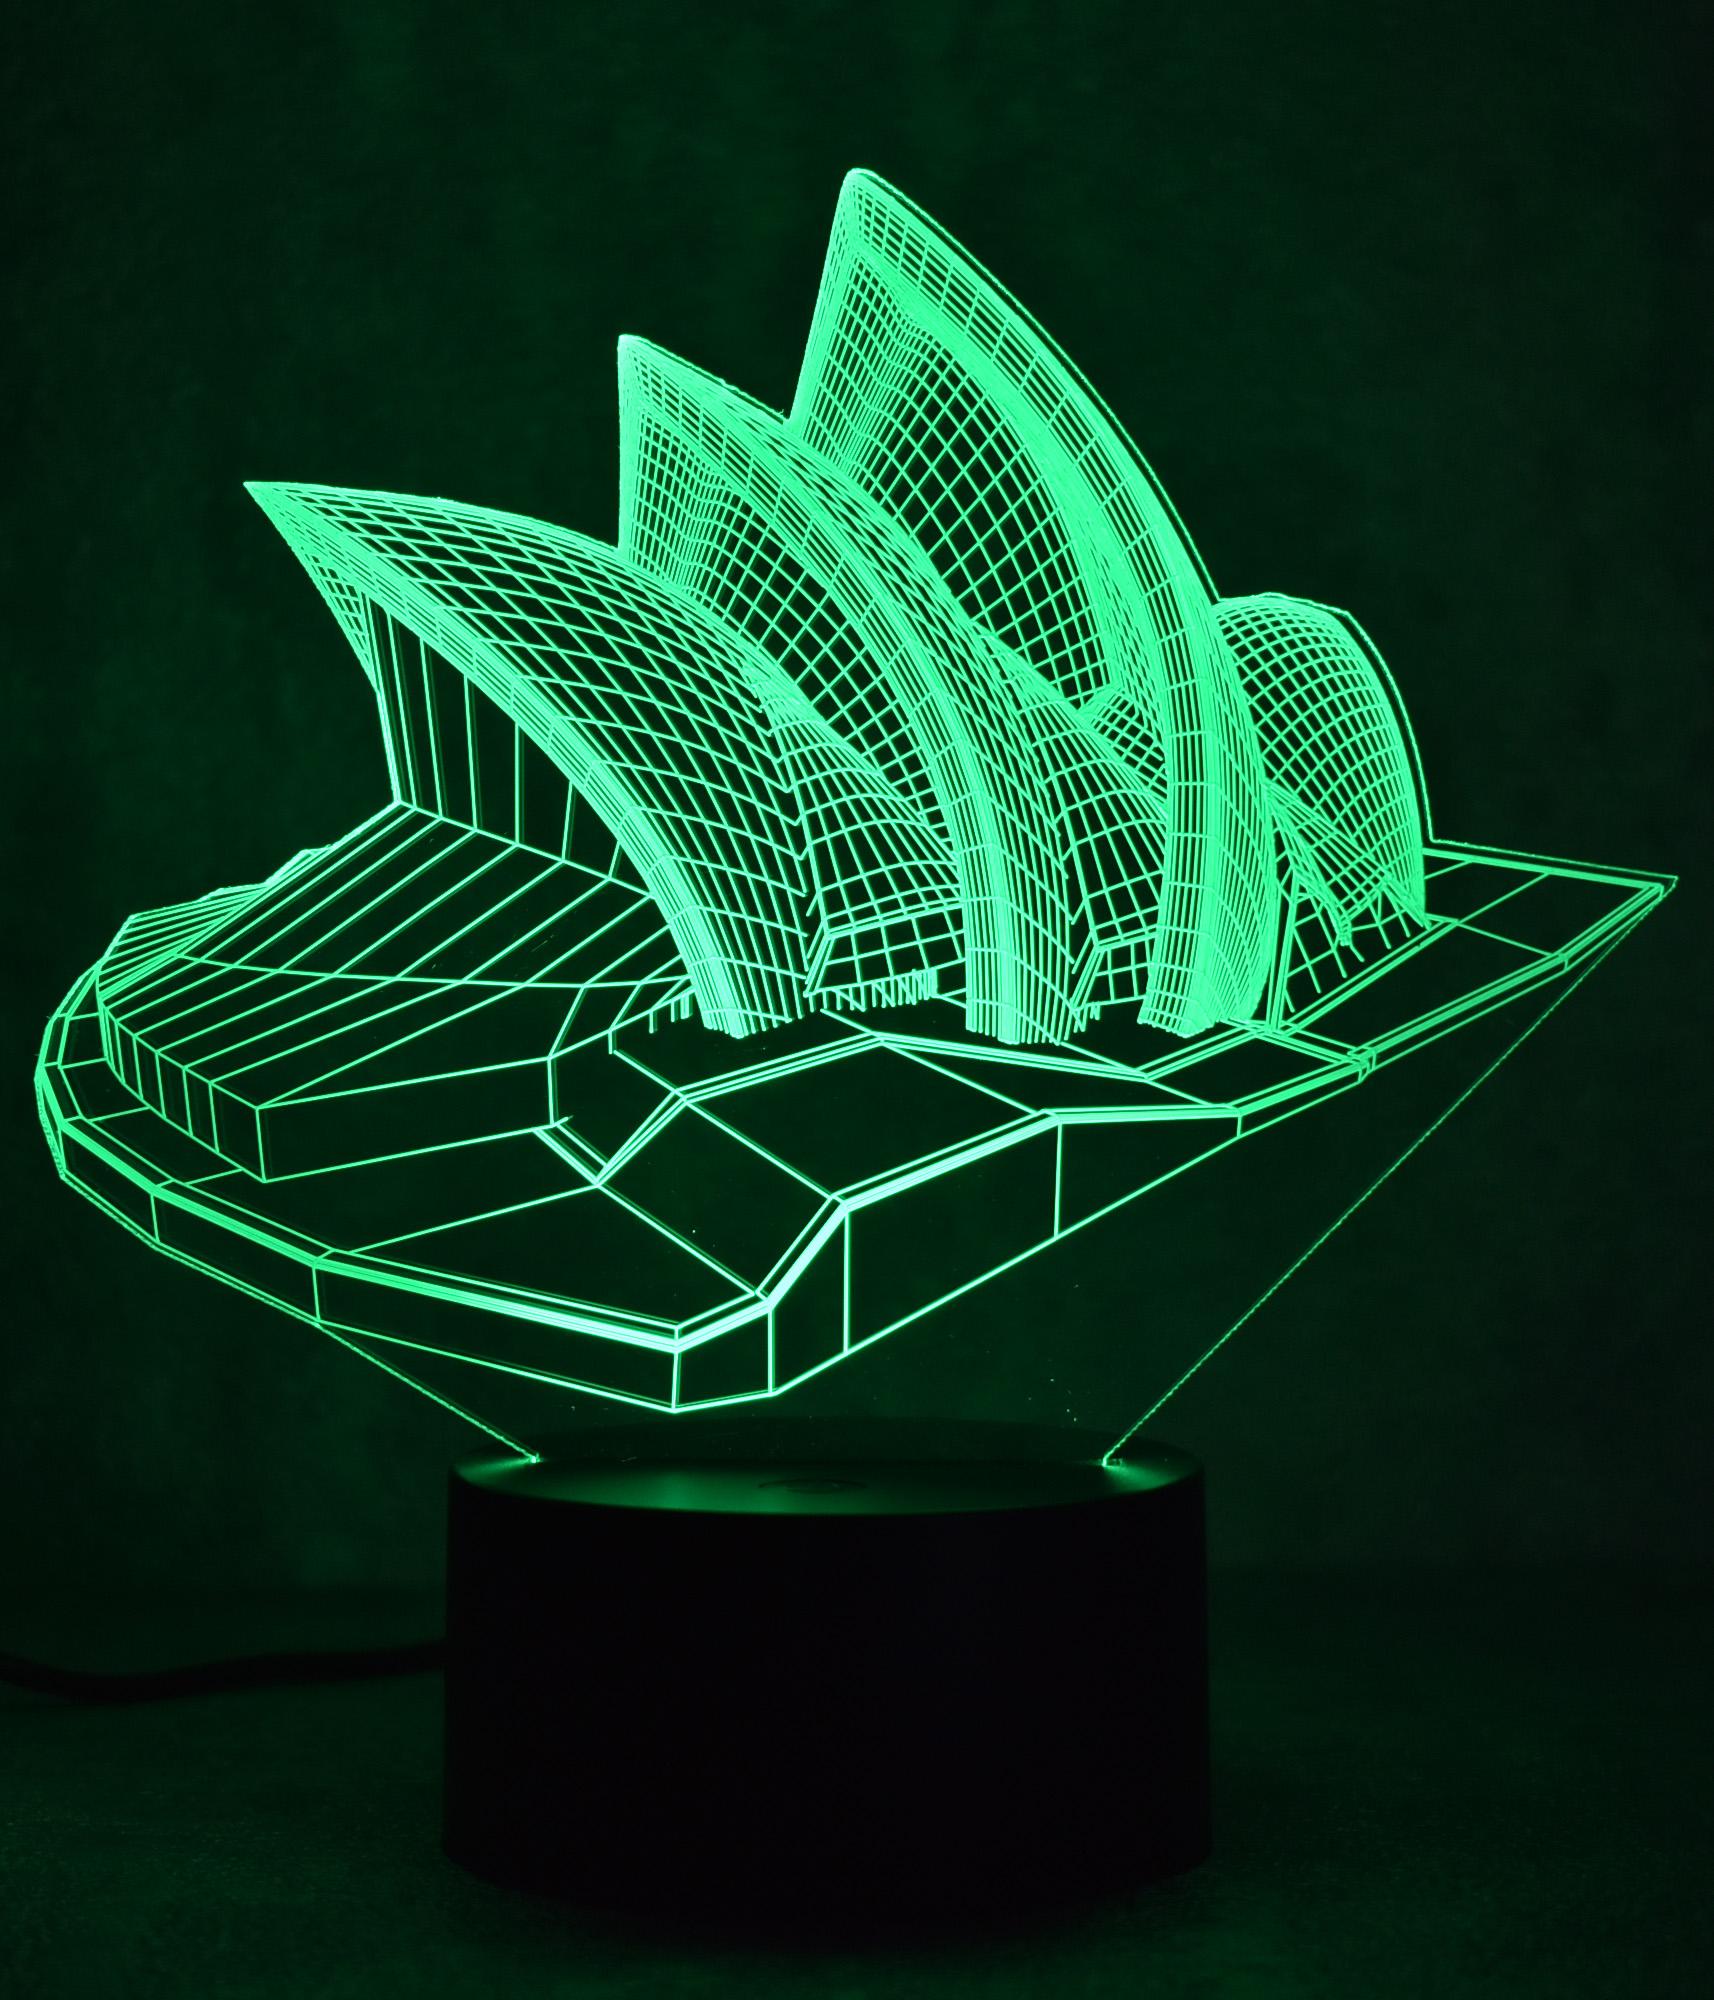 Đèn ngủ 3D - Đèn led 3D hình tháp công tắc cảm ứng